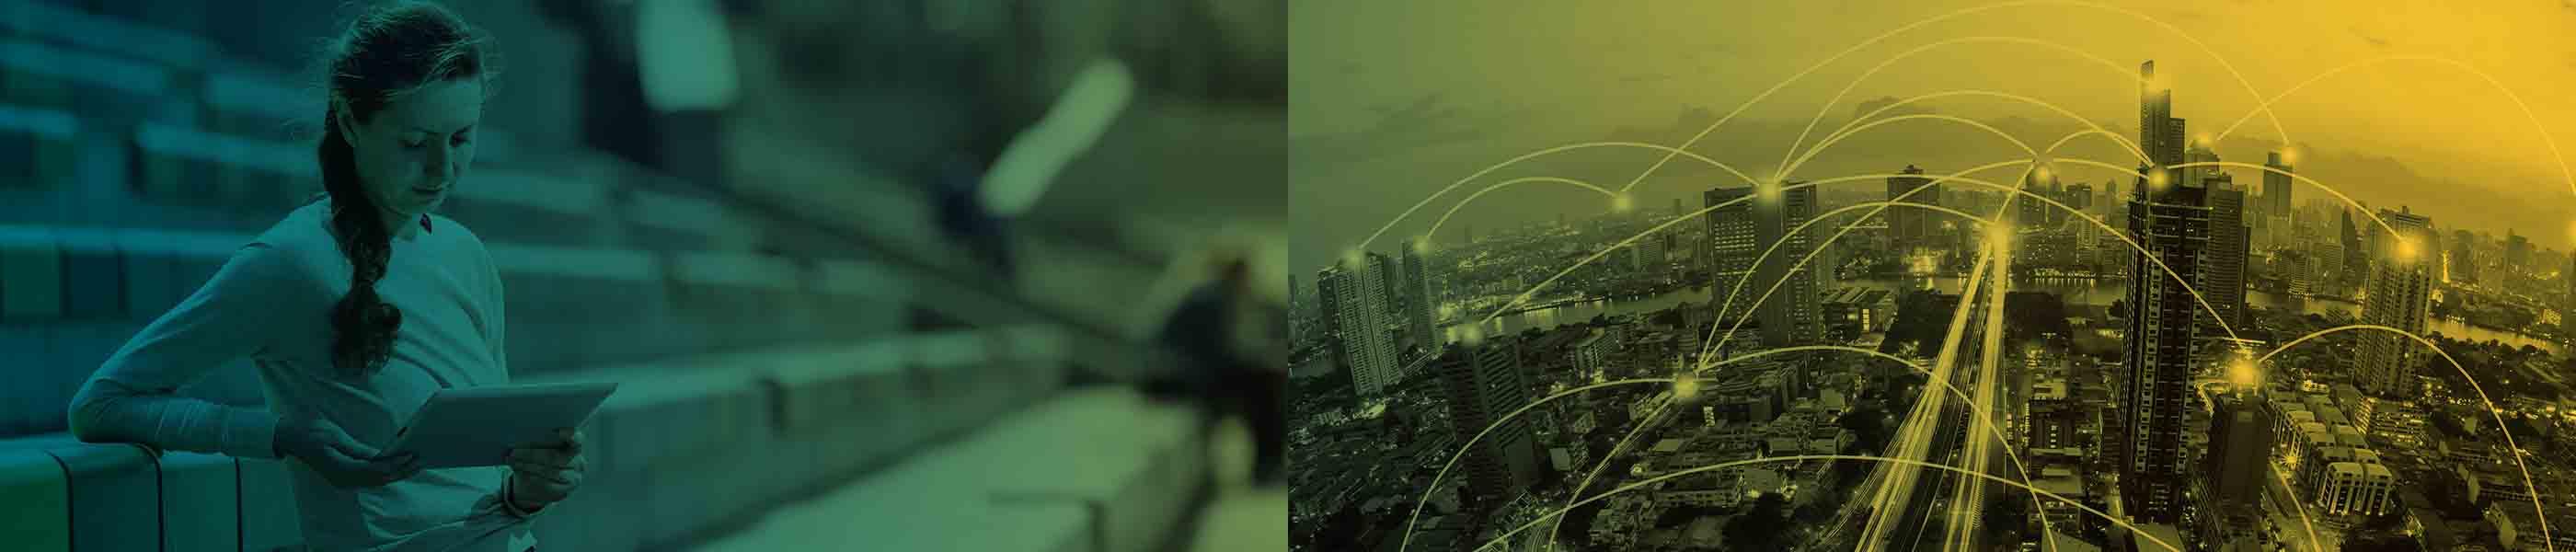 Externalización de Sharepoint y de la gestión de contenido empresarial (ECM) con Intralinks